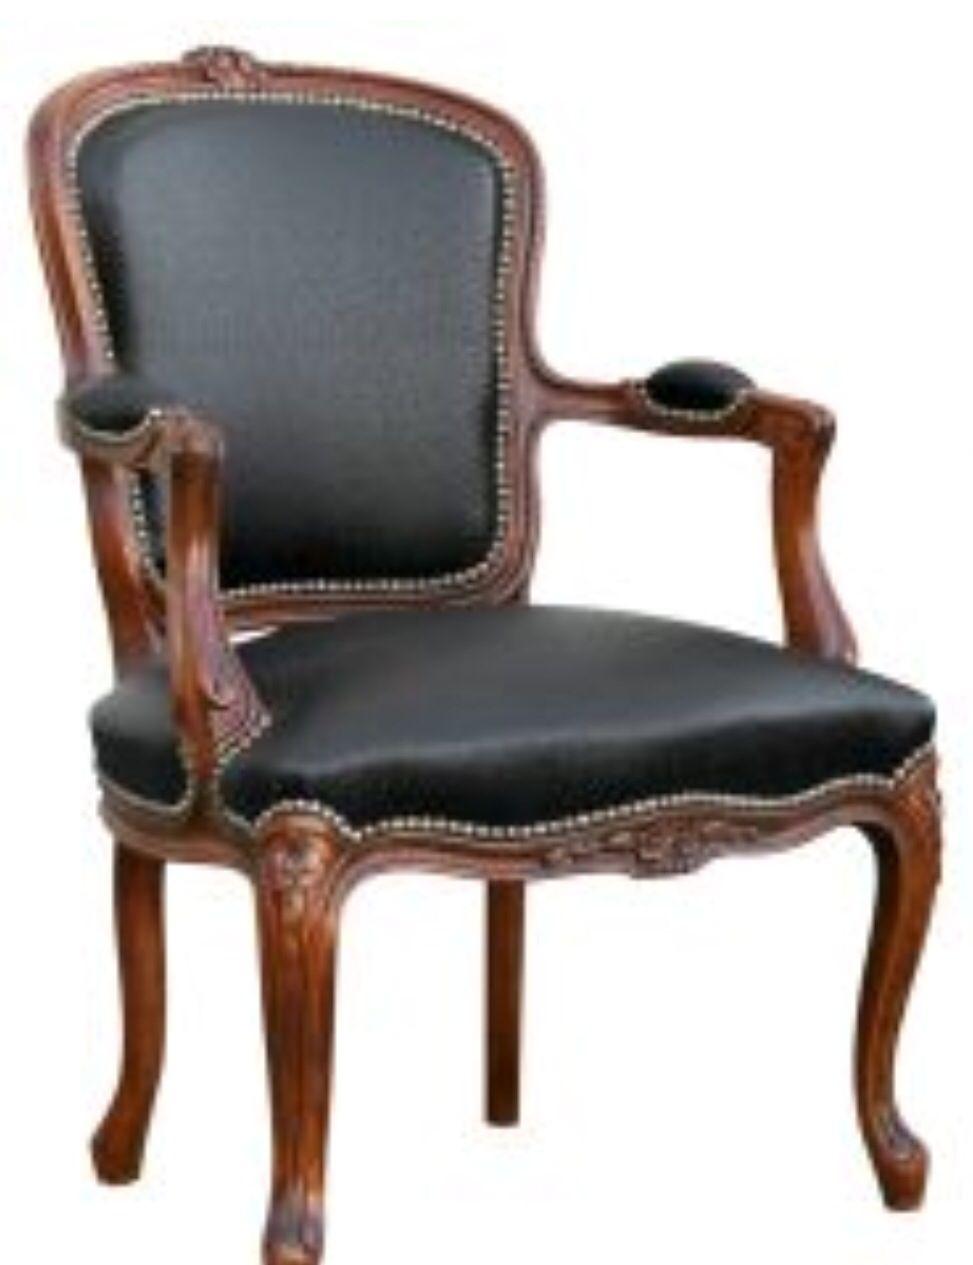 Piel negra en sill n luis xv sillones y sillas - Silla luis xiv ...